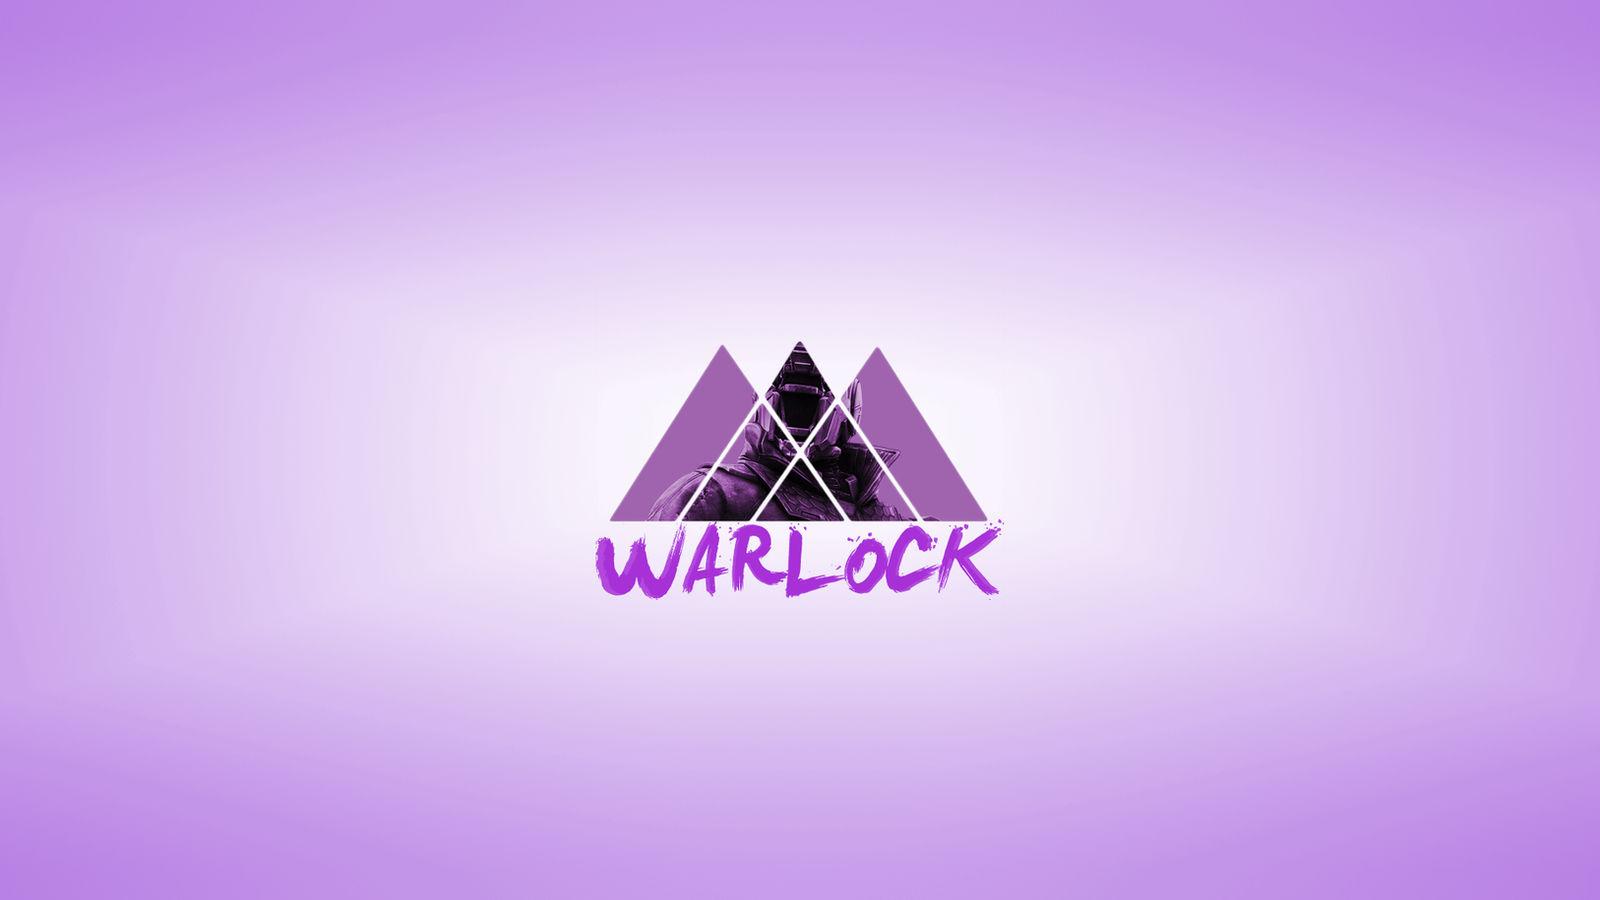 Destiny-Warlock-Wallpaper by LittleDesignz